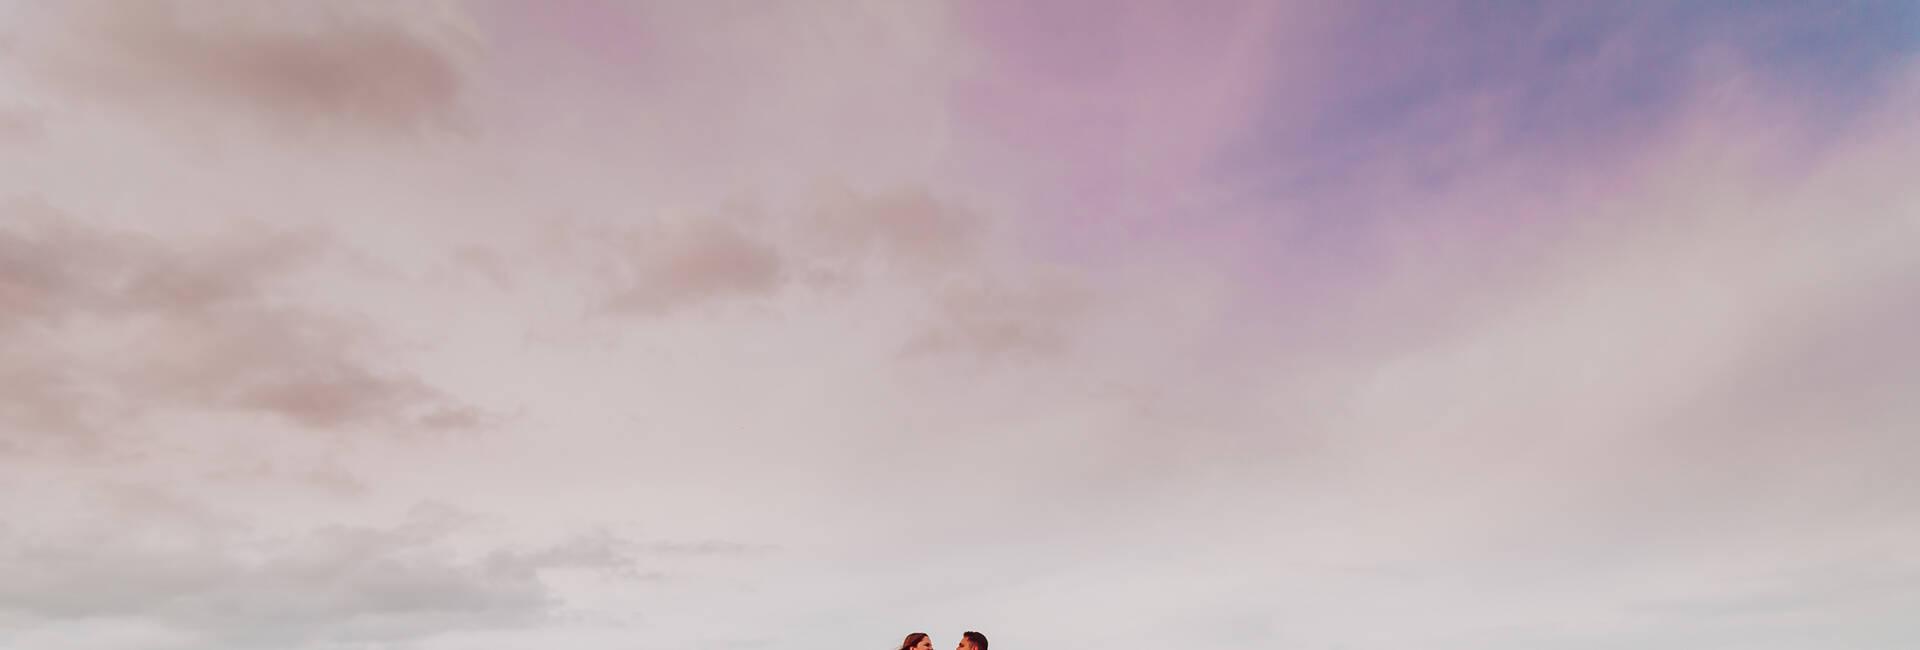 Ensaio Romântico de Gabi&Ruhhan